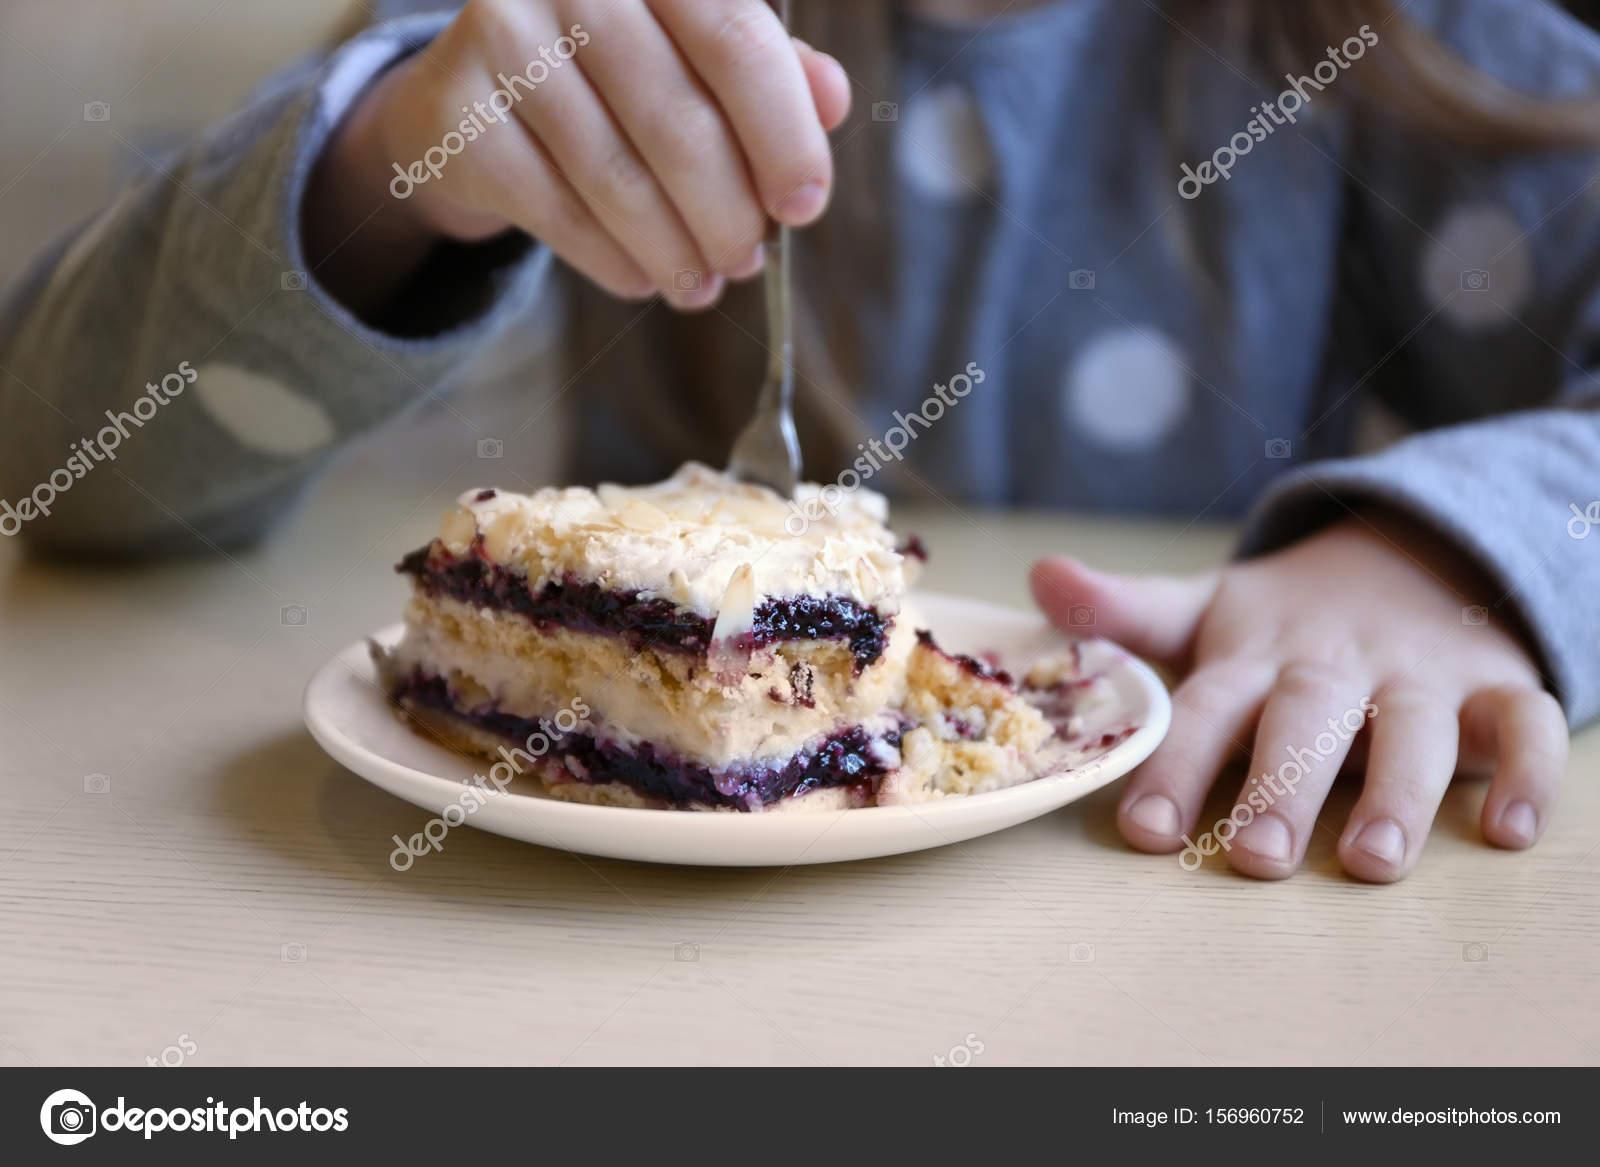 Kleines Madchen Lecker Kuchen Essen Stockfoto C Belchonock 156960752